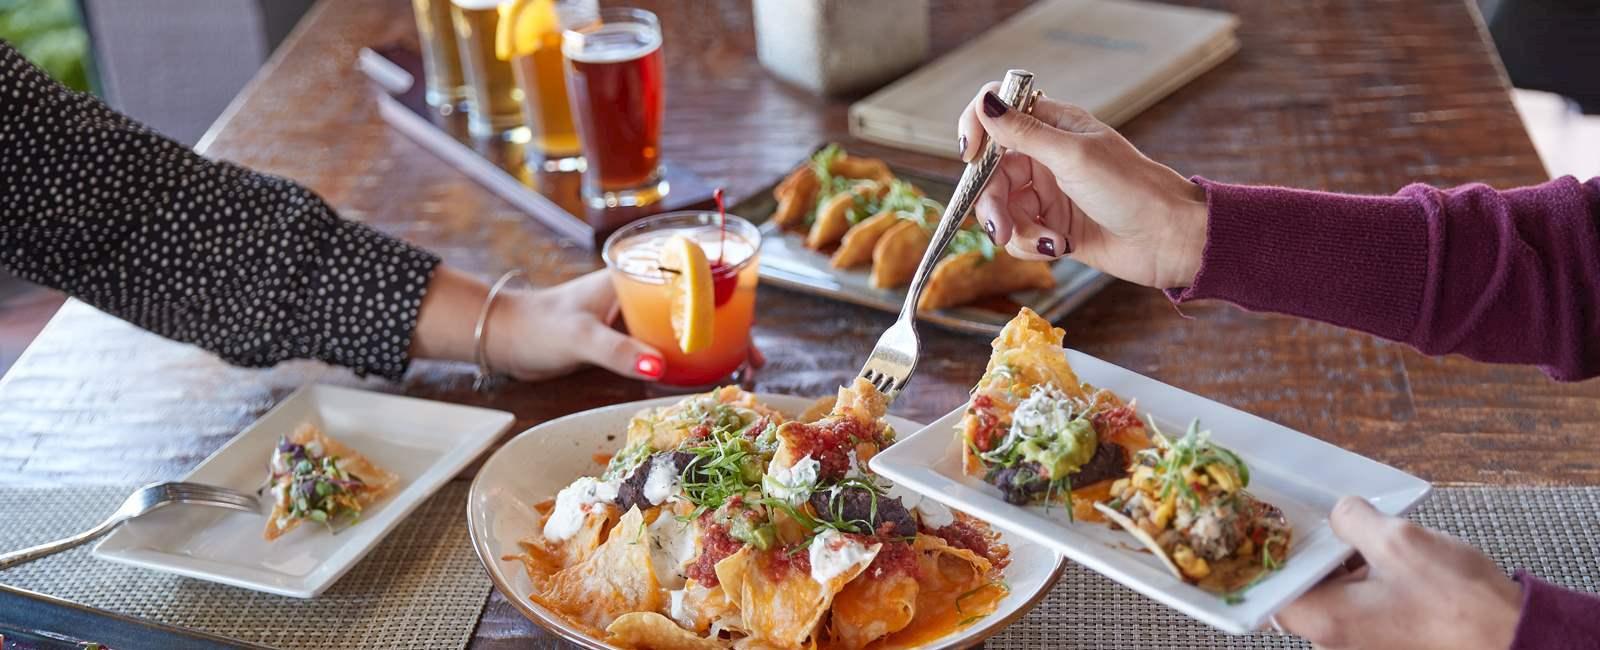 Menu at The Shores Restaurant, La Jolla